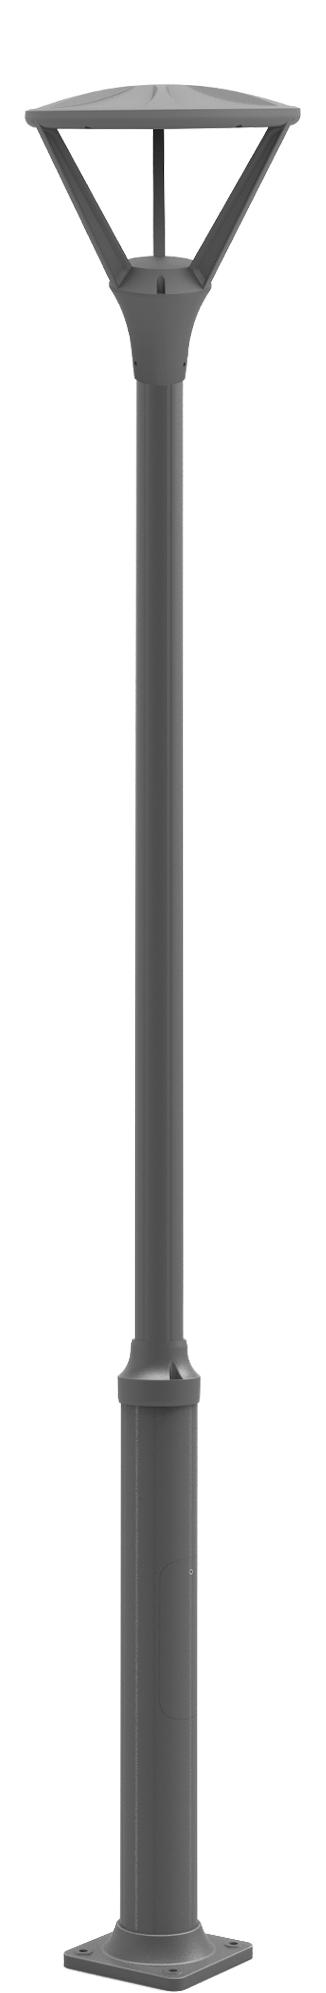 Lampenlux Außenleuchte Janie Aluminium Schwarz 5760lm 60W LED 3000K IP65 Ø42cm